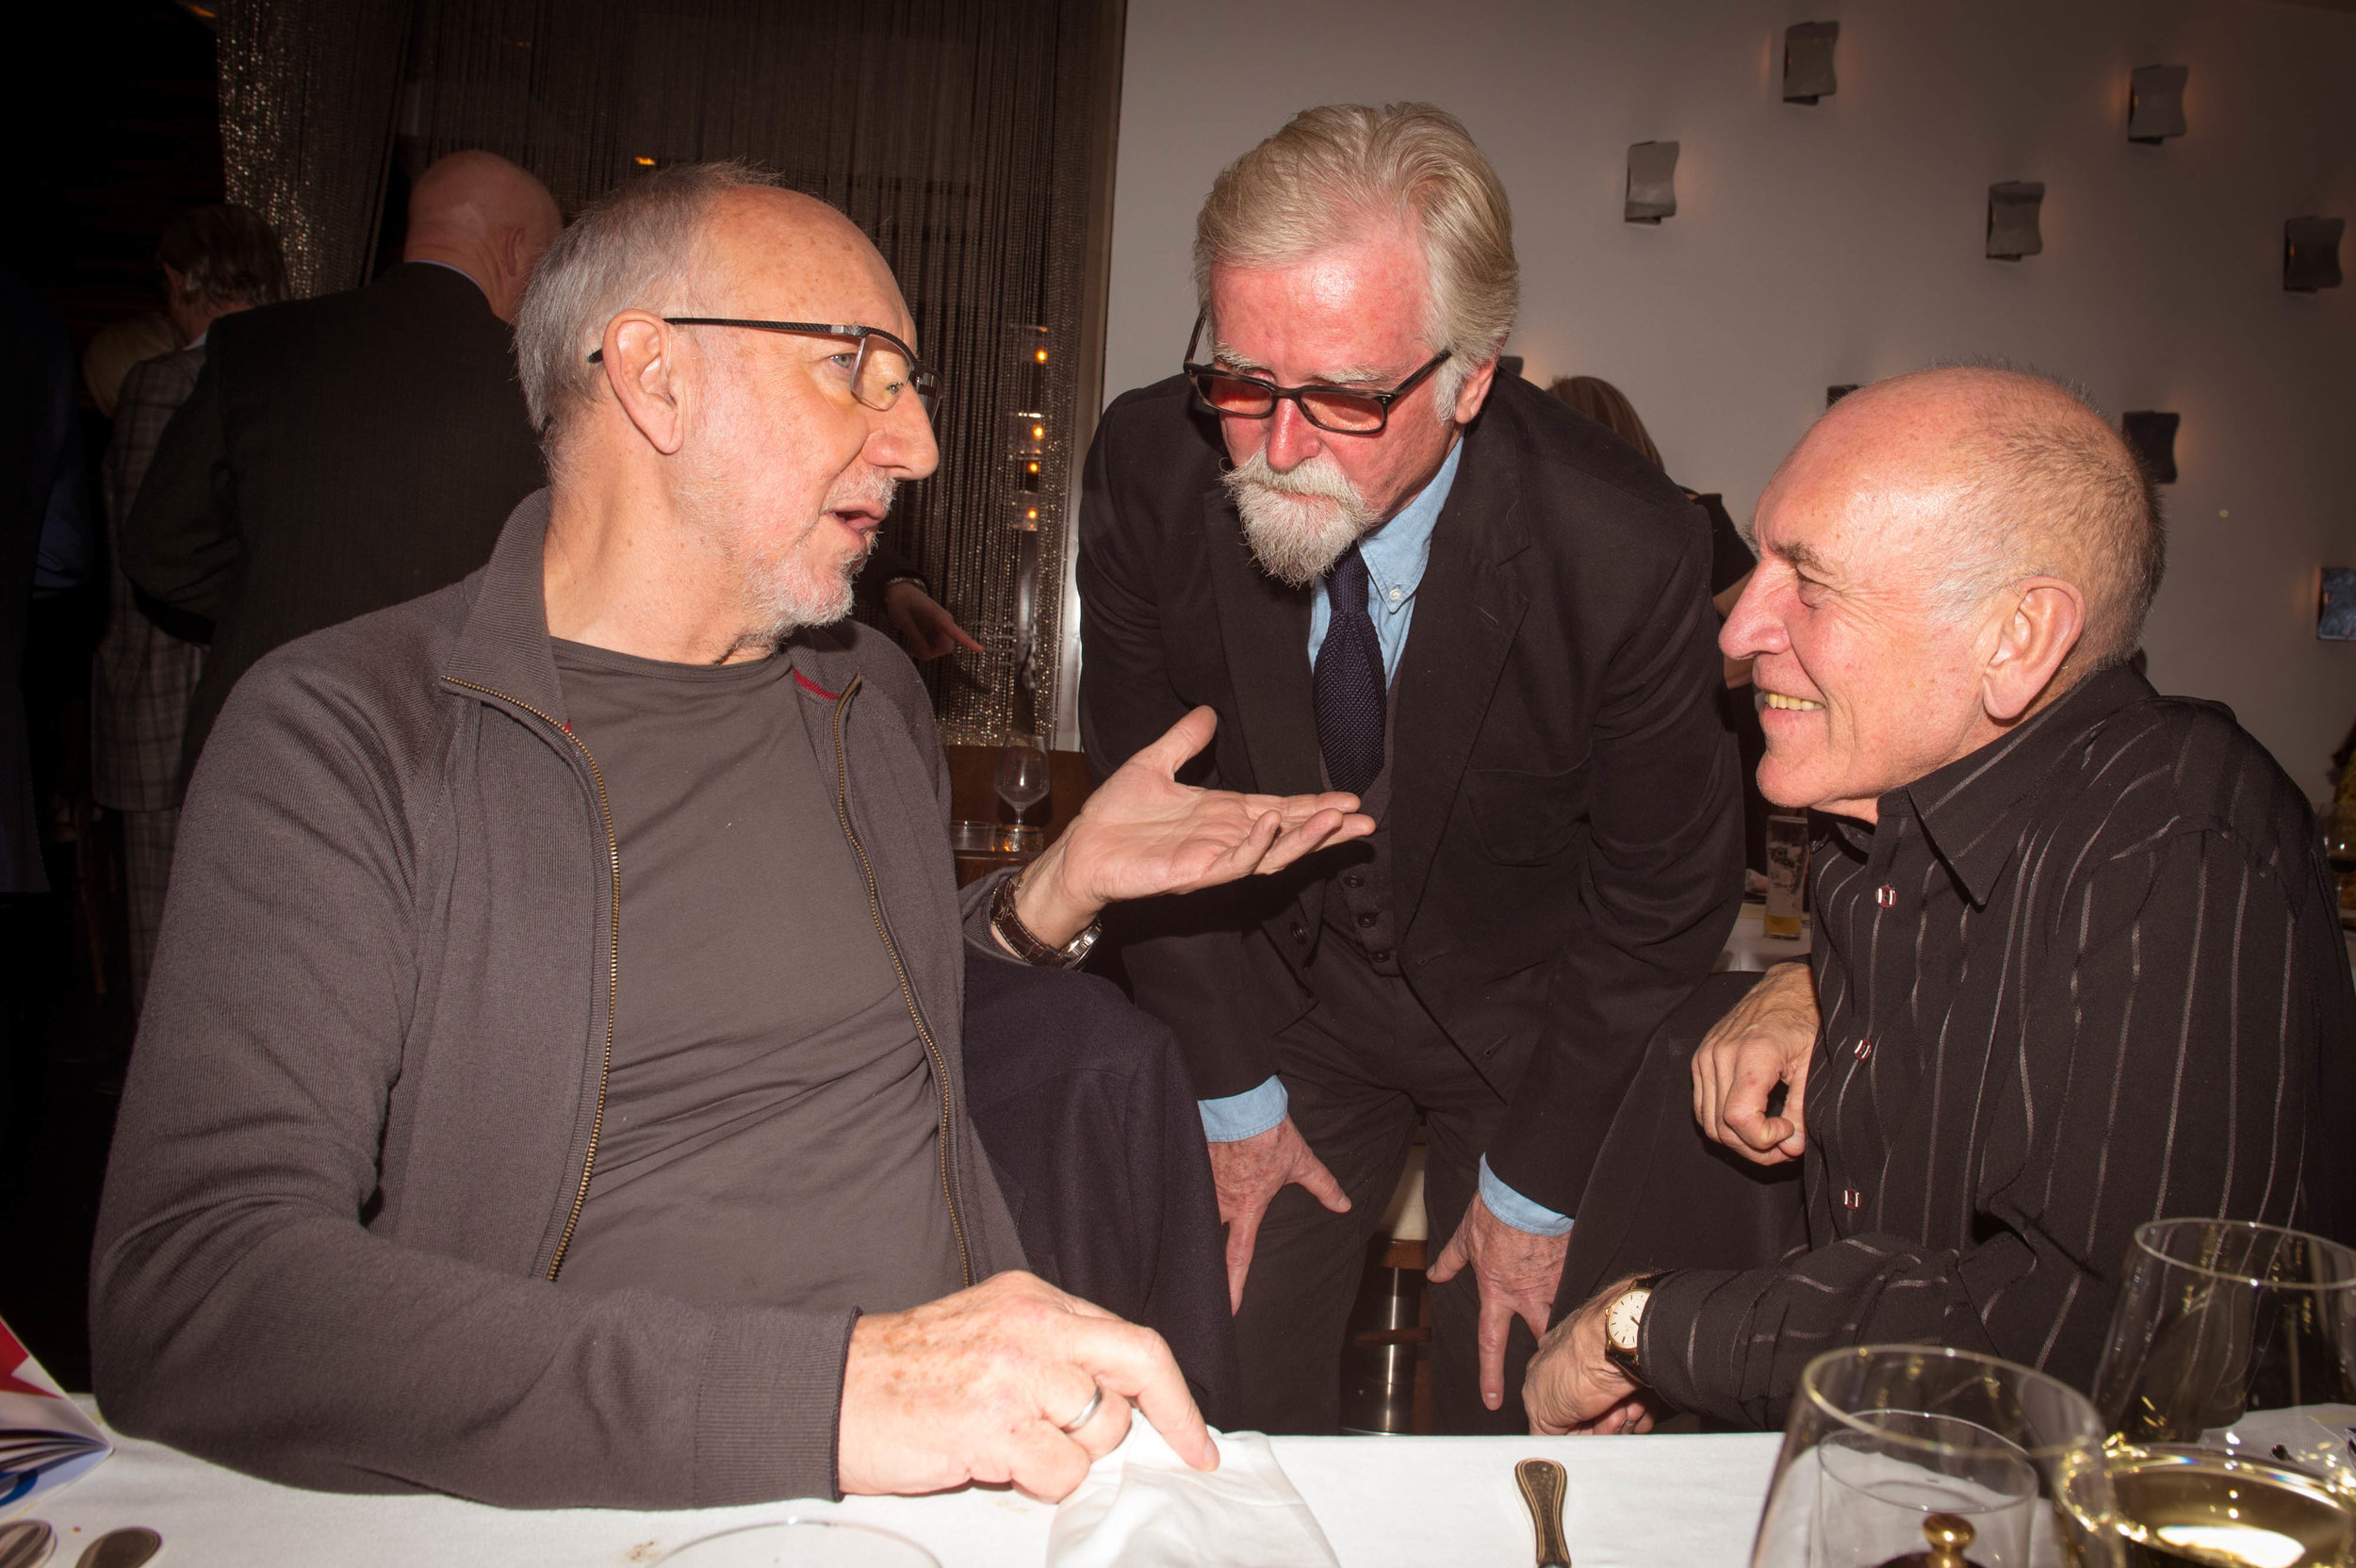 Pete Townshend, Frank Roddam, Bill Curbishley